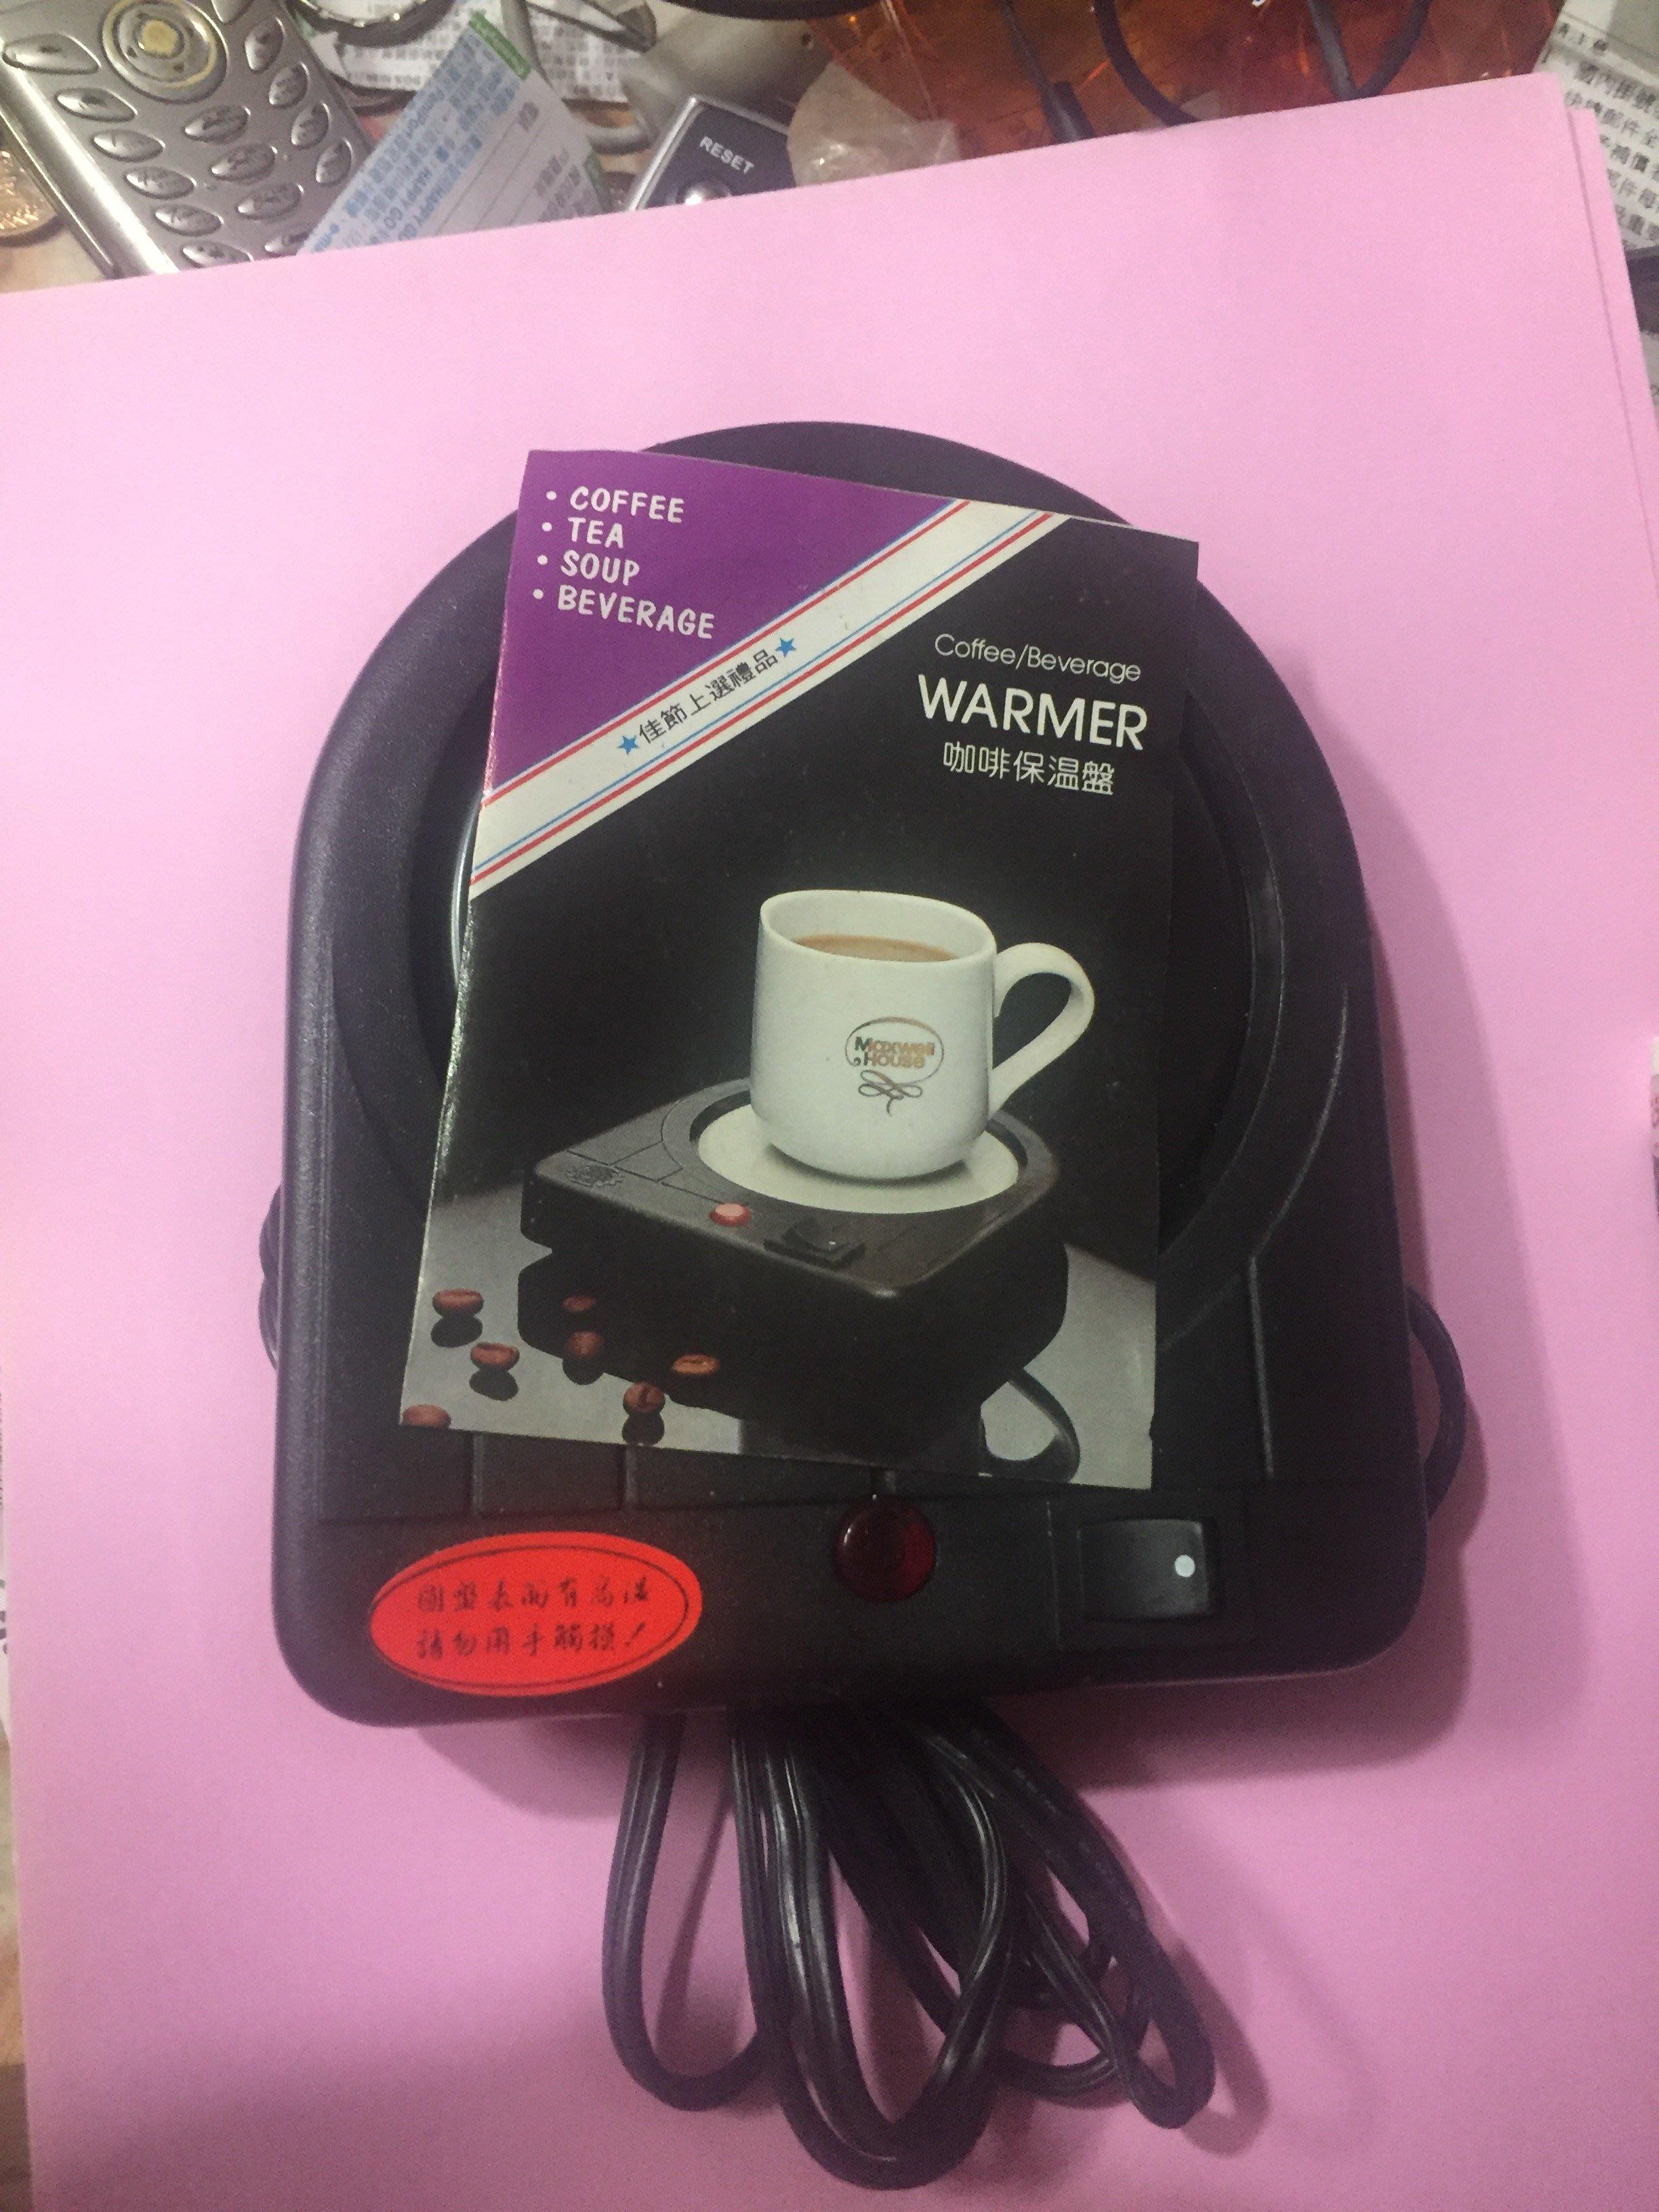 多功能 黑色 保溫盤/溫熱盤/保溫墊/保溫座/電熱盤/保溫/水牛奶茶咖啡茶飲品/辦公室小物